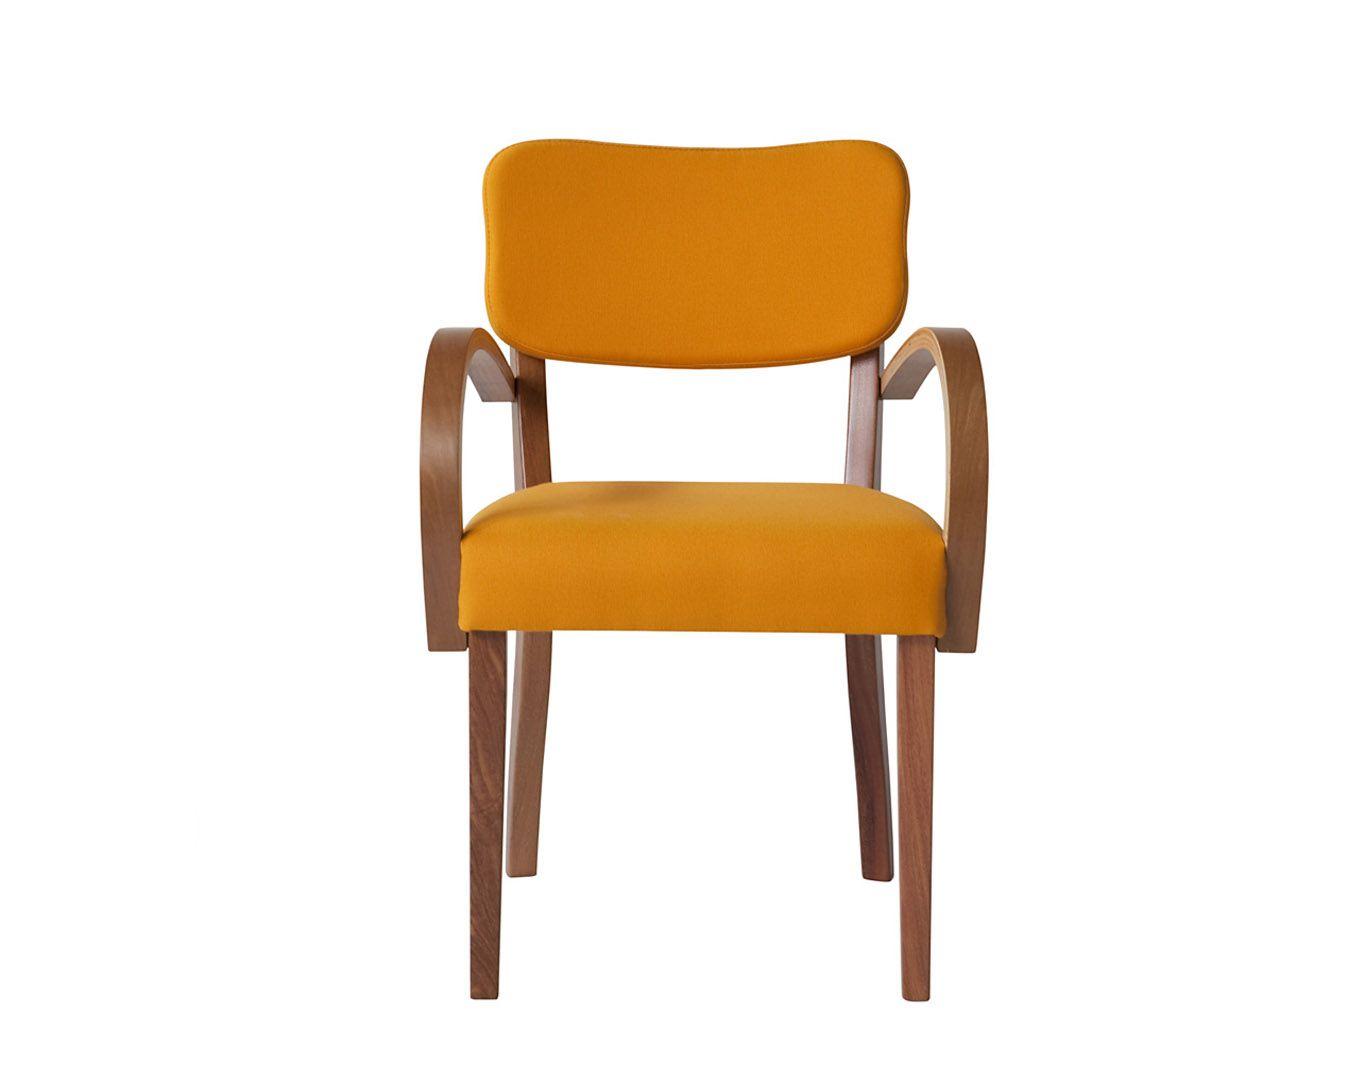 Cadeira Donna com Braços | Fernando Jaeger Atelier #design #brasileiro #móvel #madeira #decoração #fernandojaegerdesign